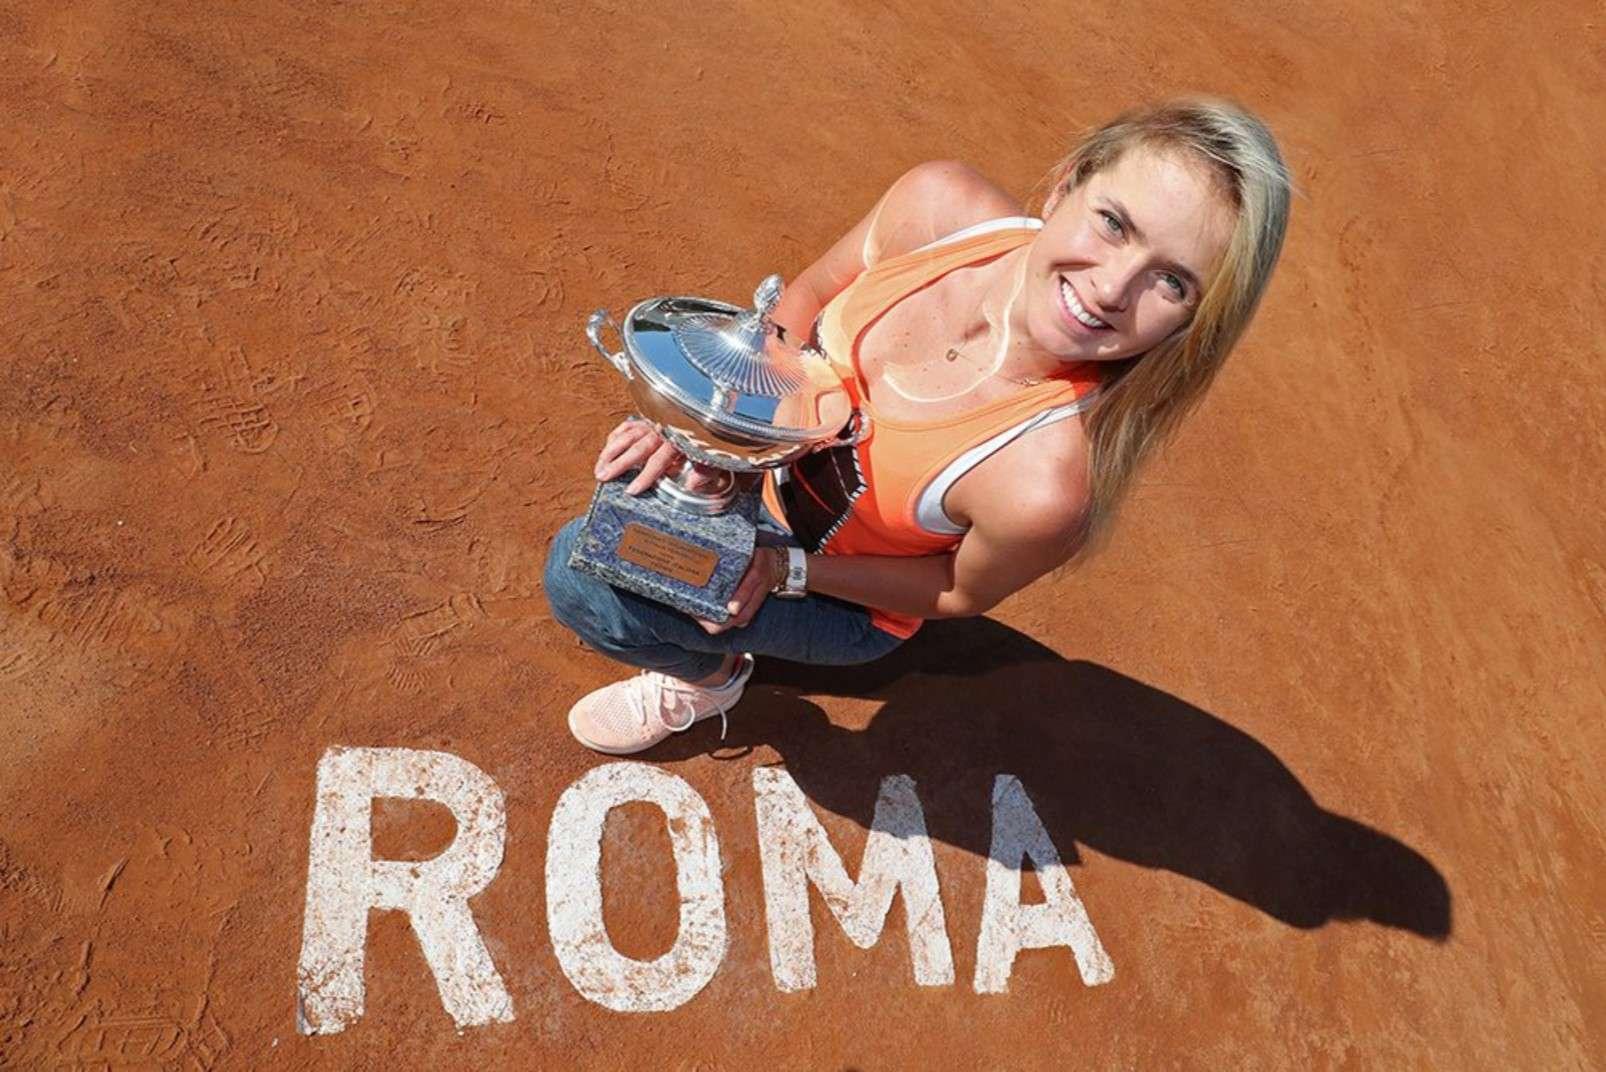 Elina Svitolina, foto di Giampiero Sposito, gentilmente fornita da internazionalibnlditalia.com